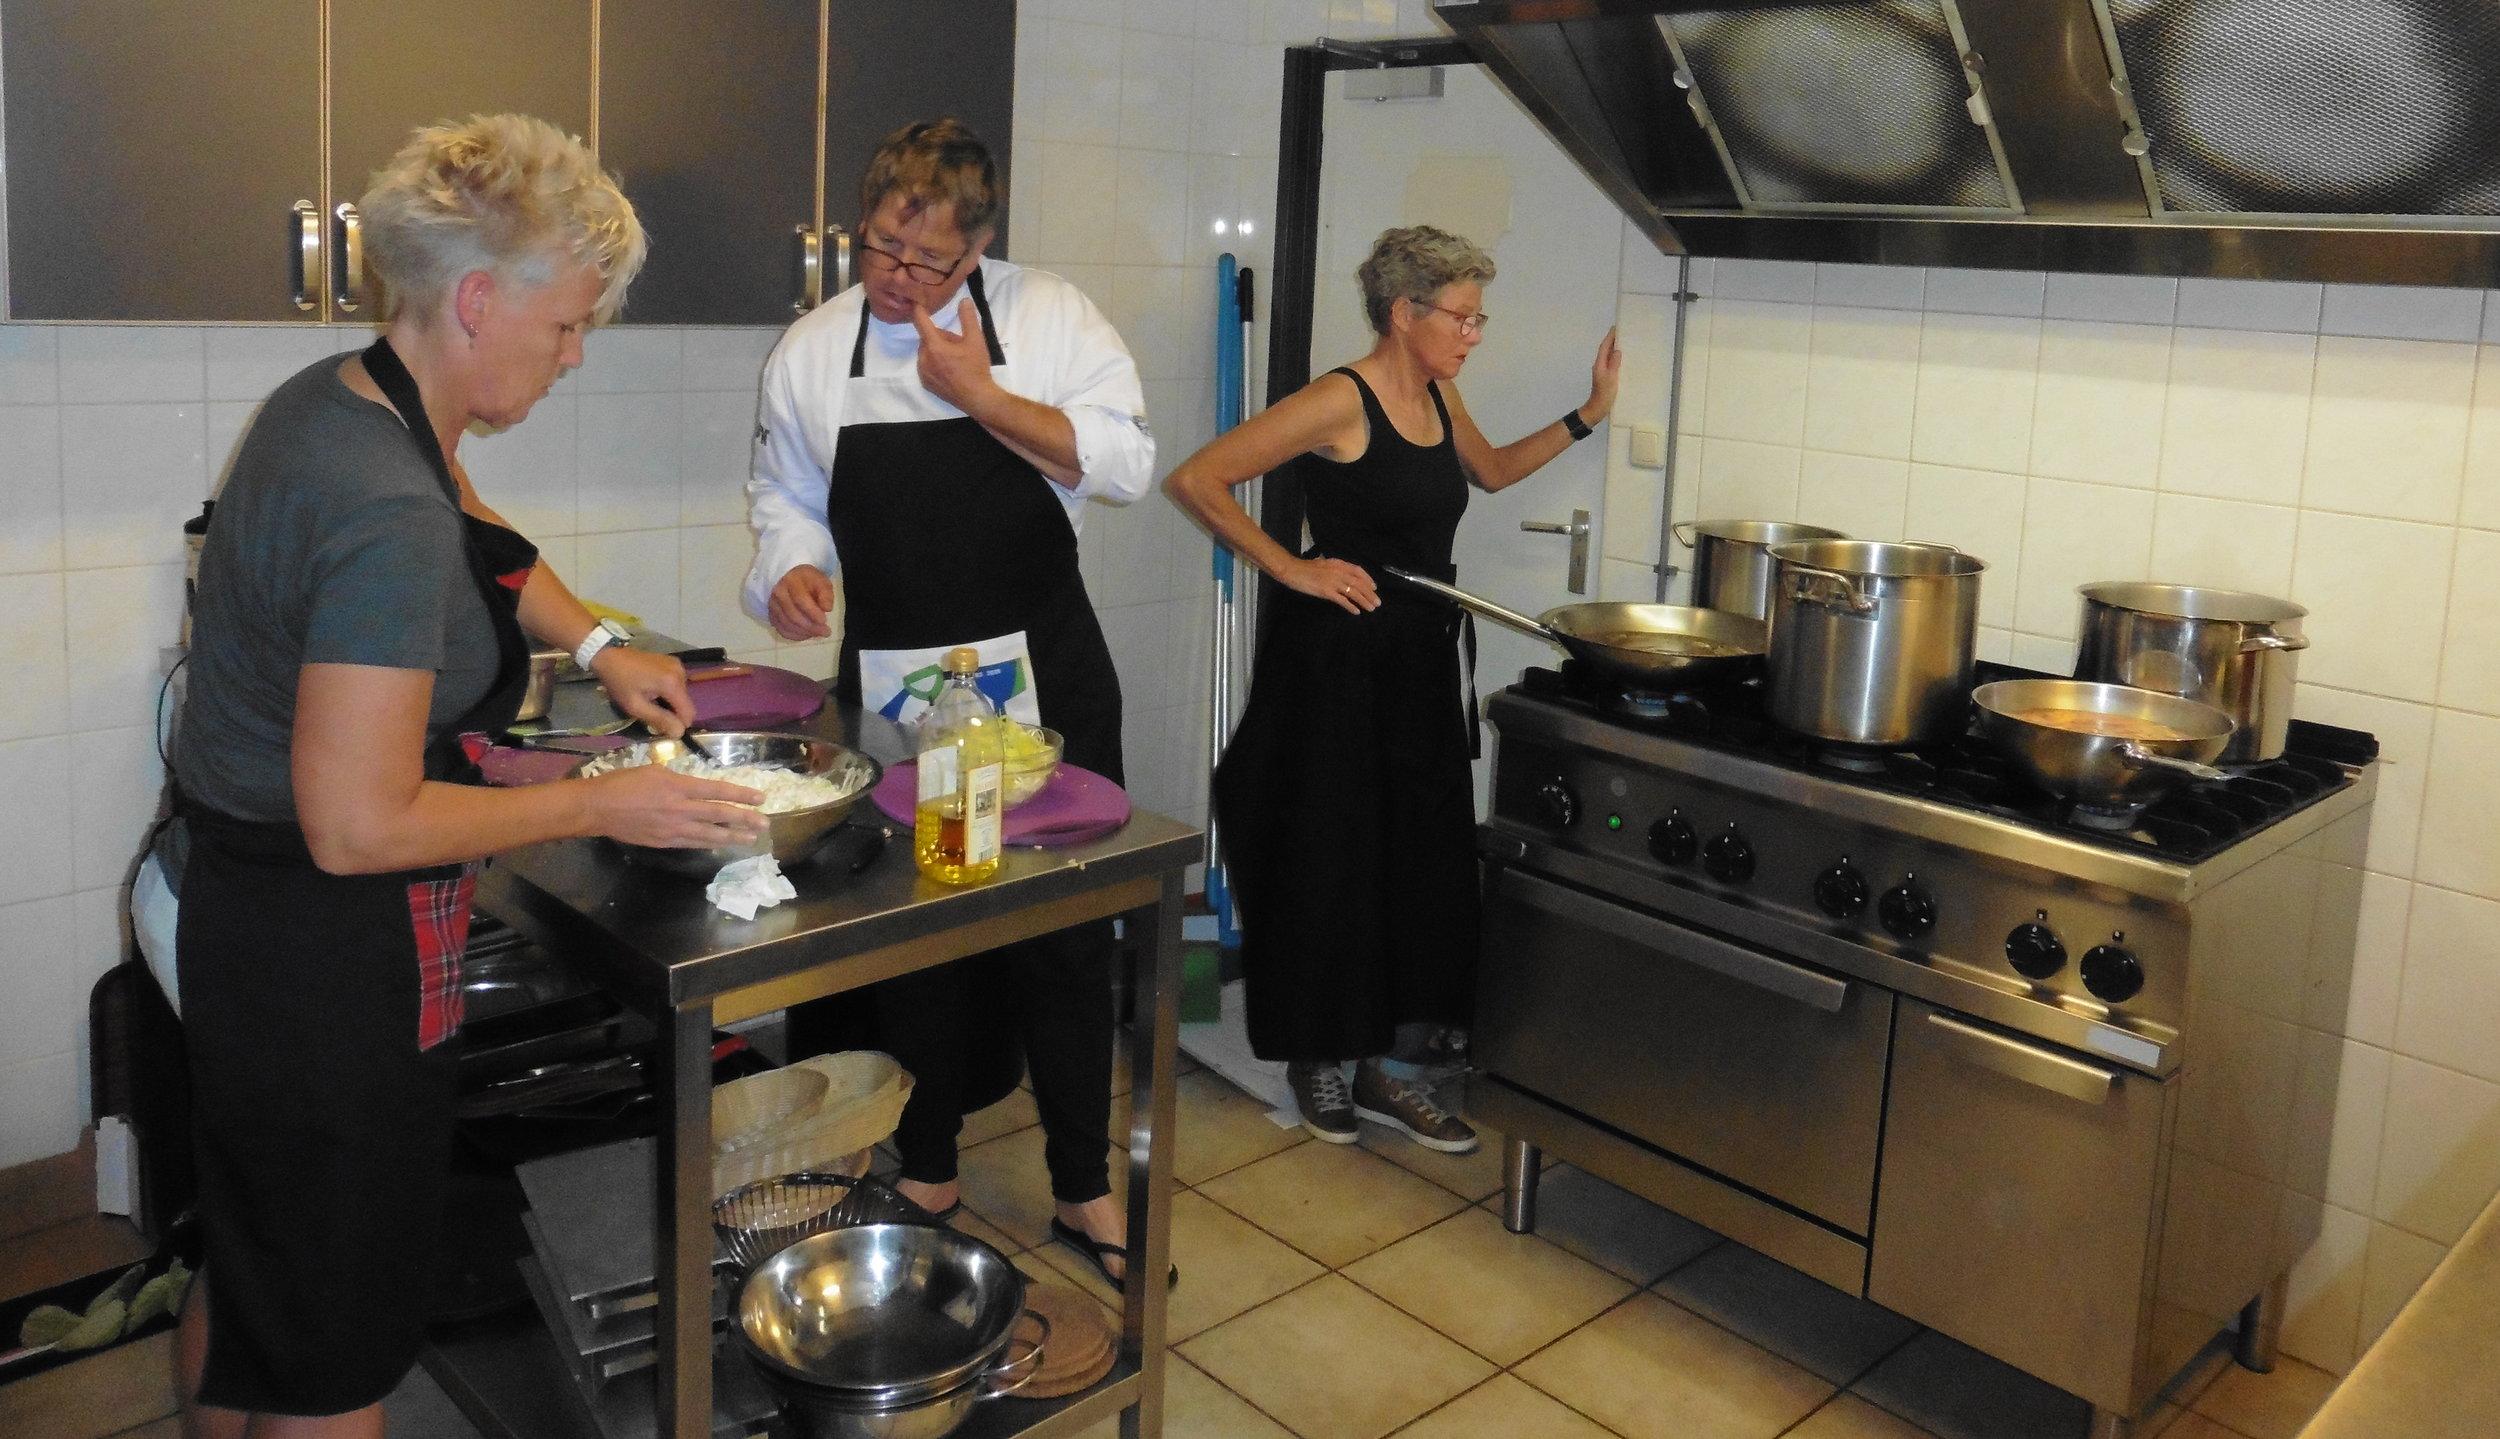 Hier is elke wielerclub jaloers op: Een eigen chef binnen de gelederen. Samen met de dames vormt onze chef een perfect team. Het eten was dan ook voortreffelijk!